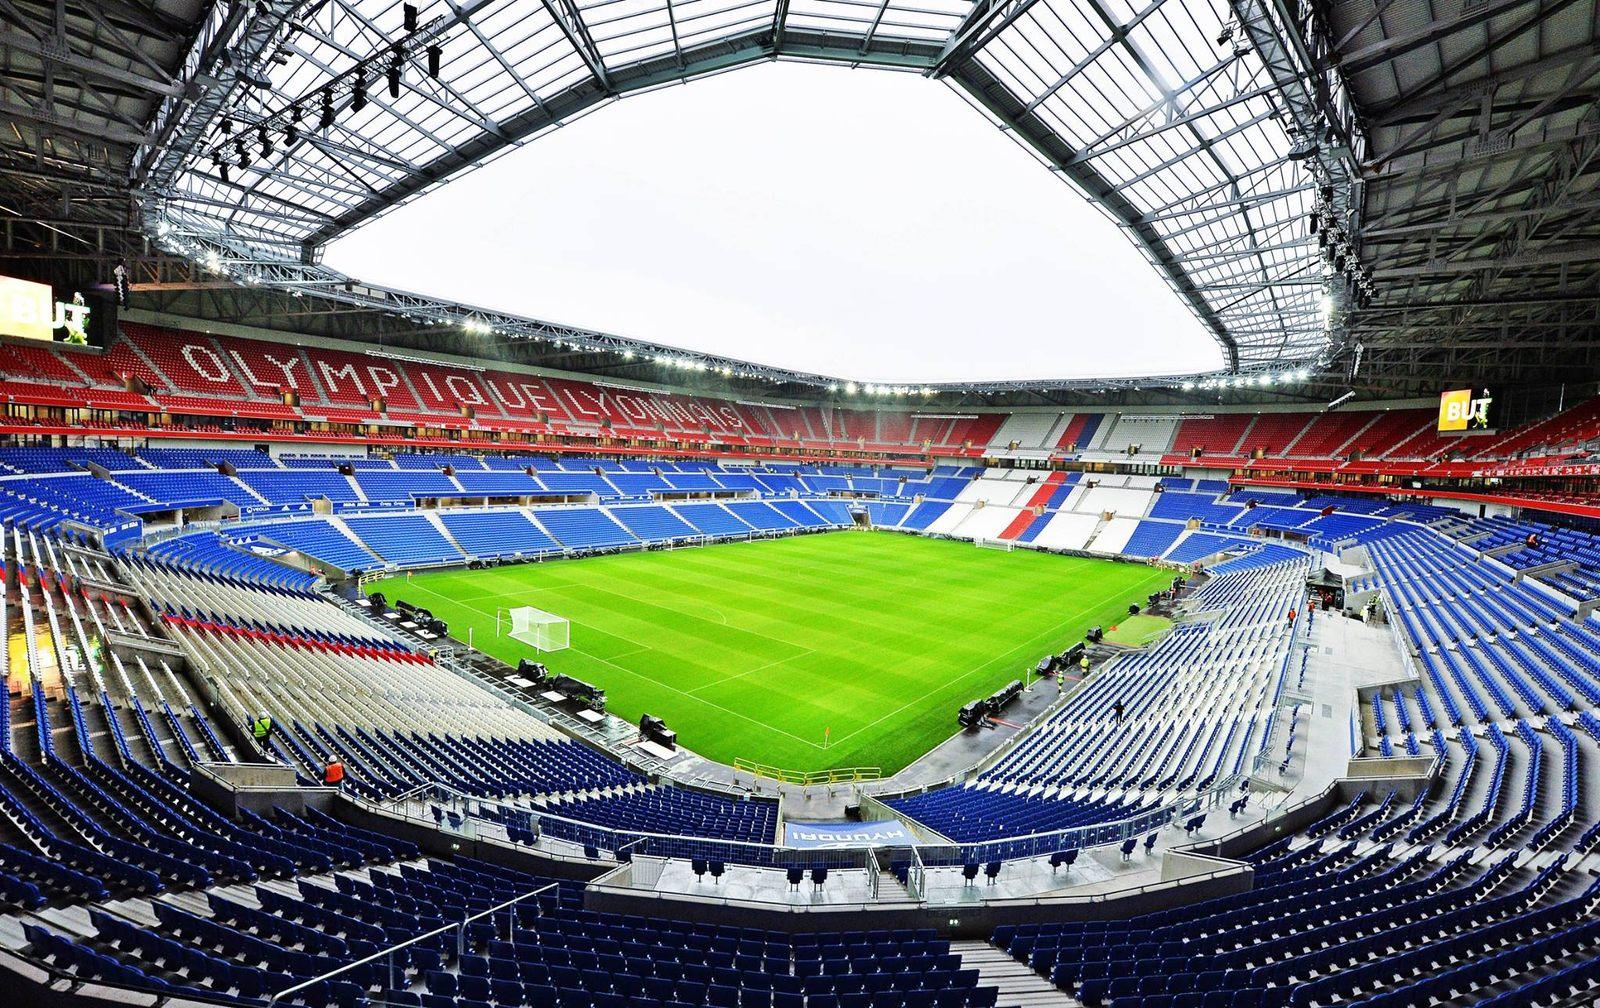 Znalezione obrazy dla zapytania Stadion Parc Olympique Lyonnais